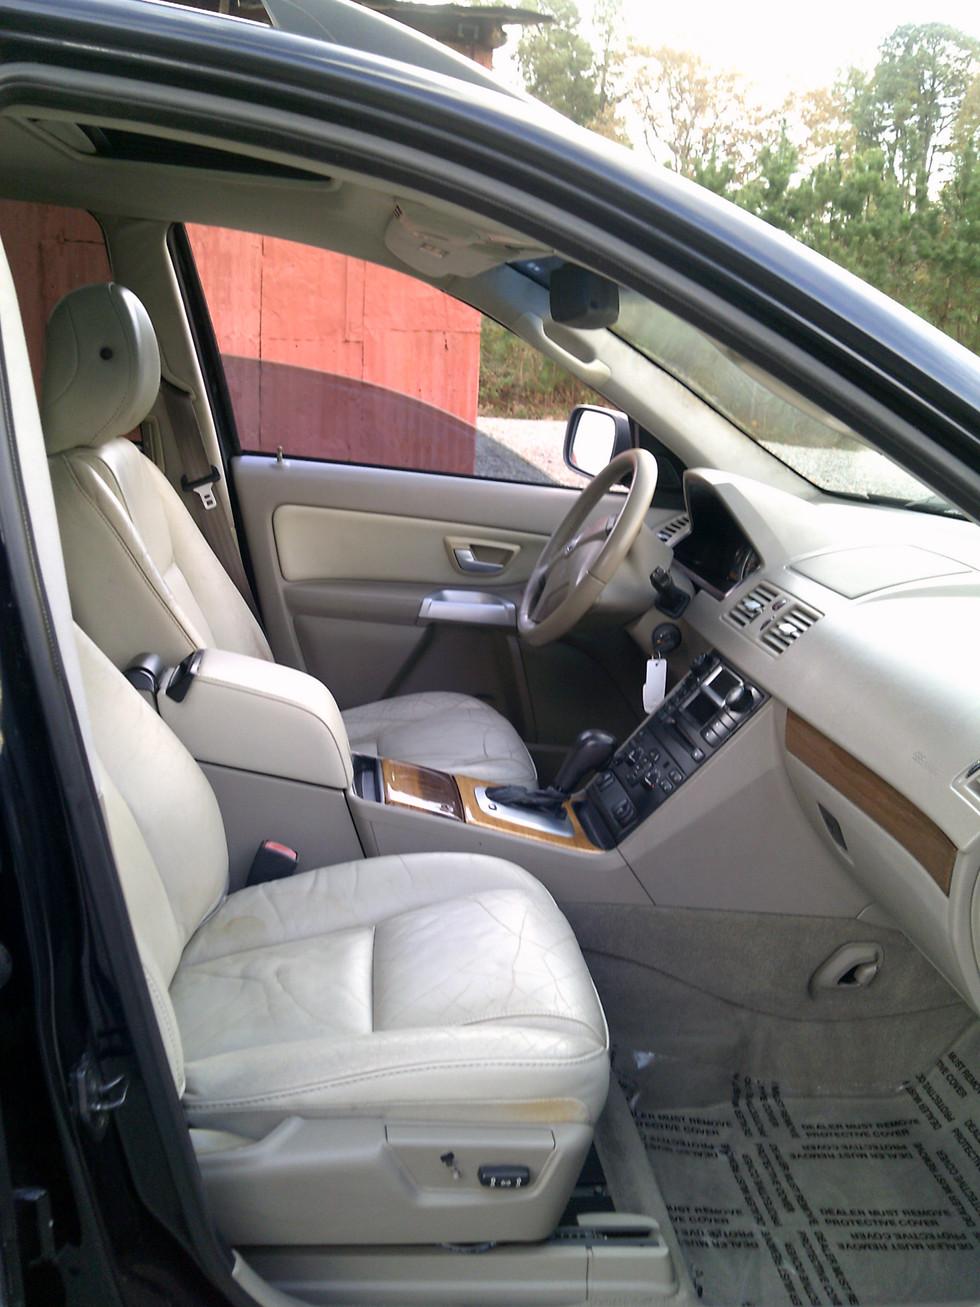 2005 Volvo XC90 (19)